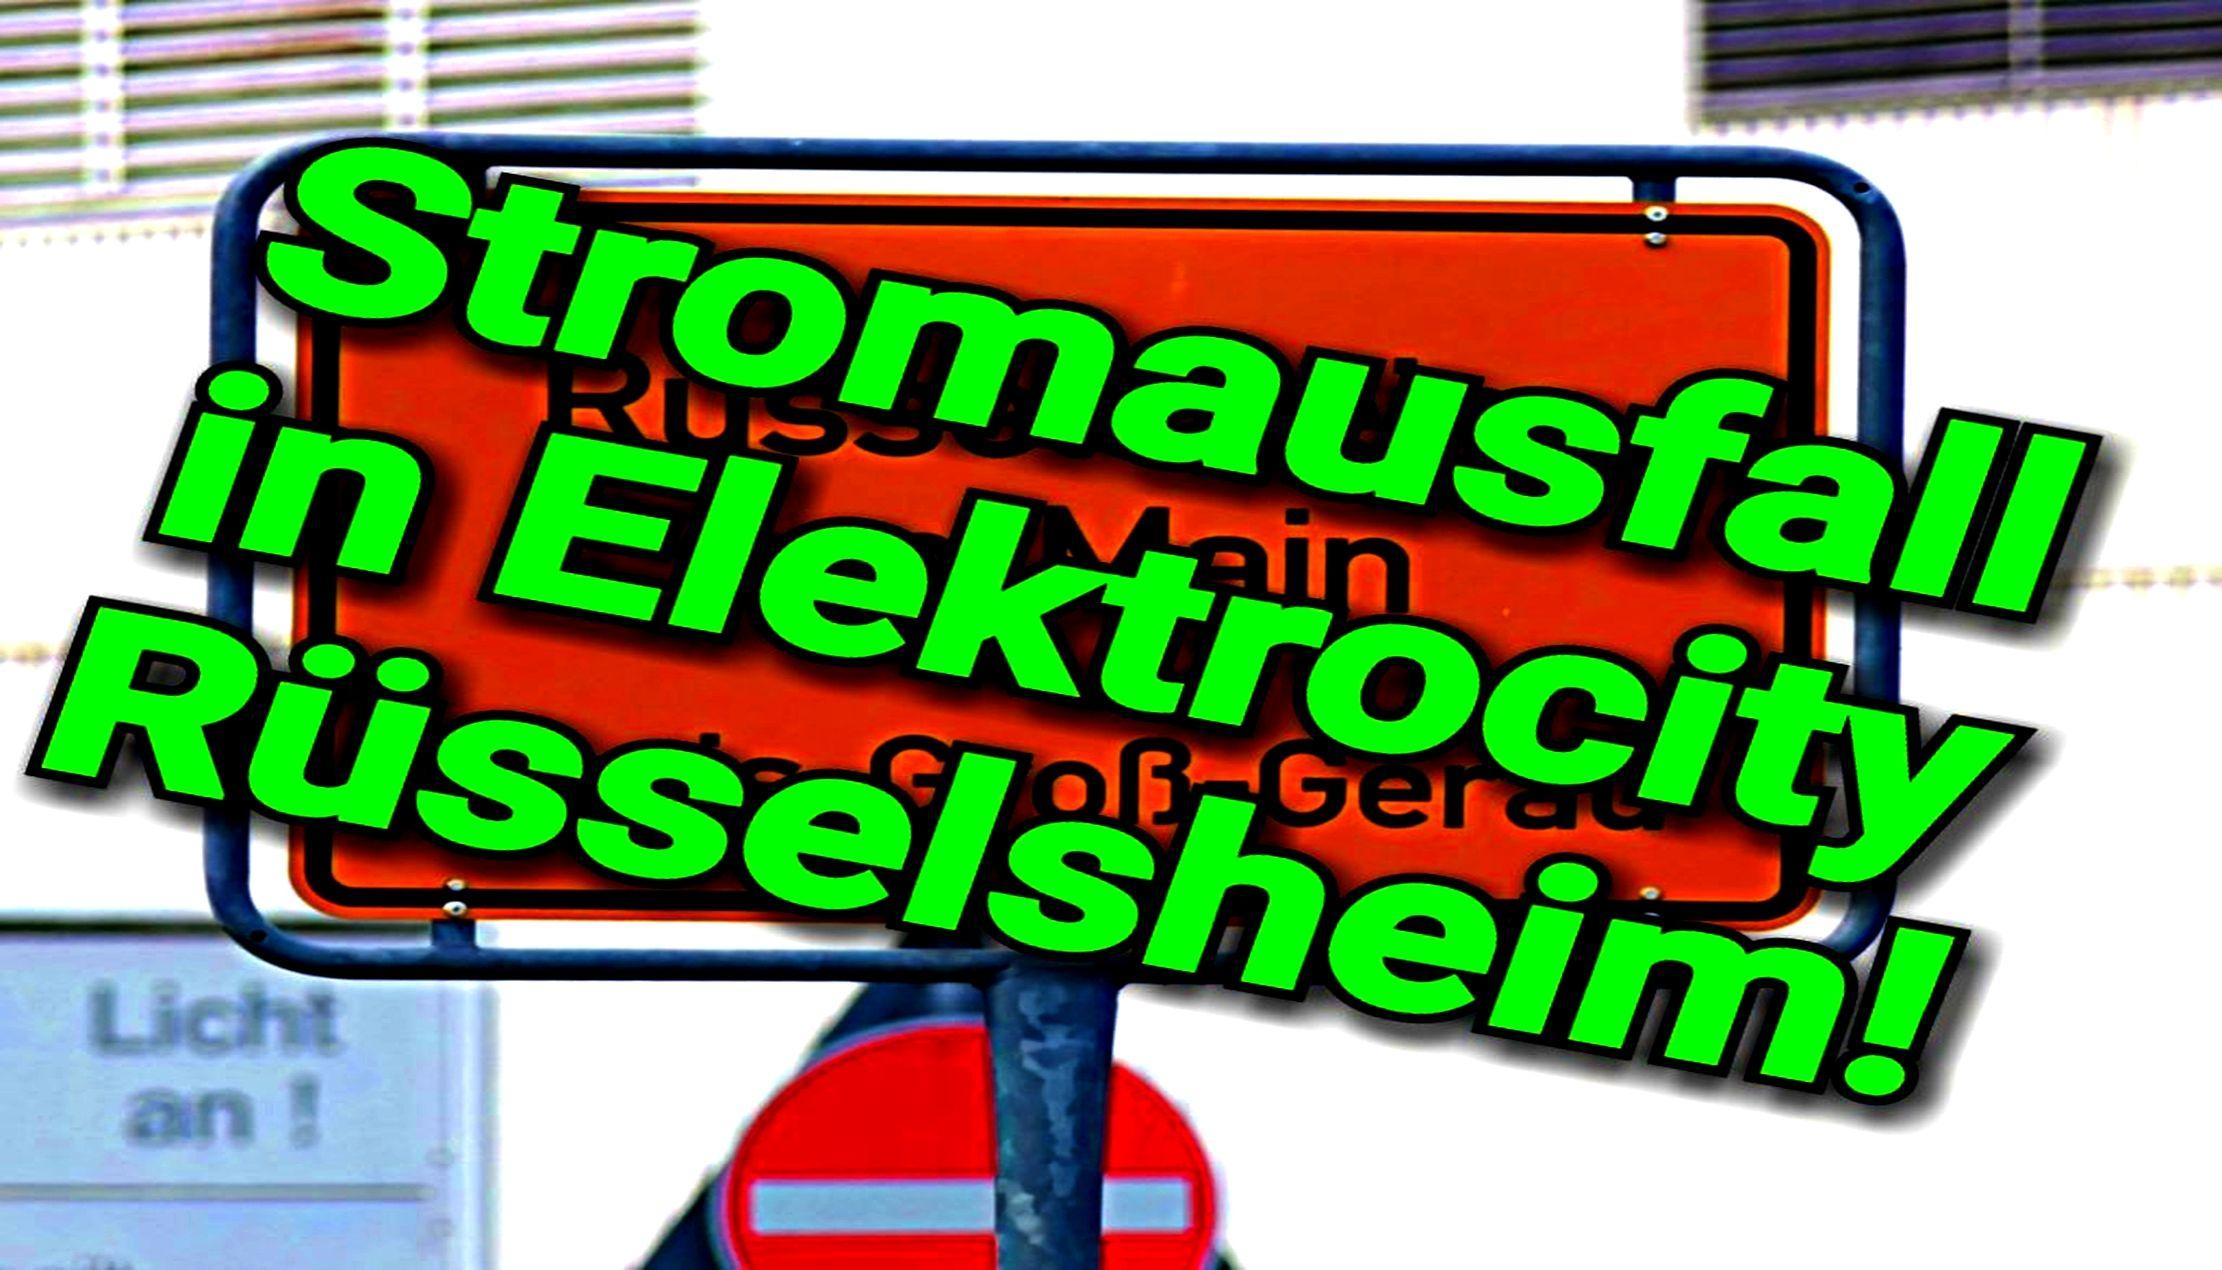 Stromausfall Rüsselsheim